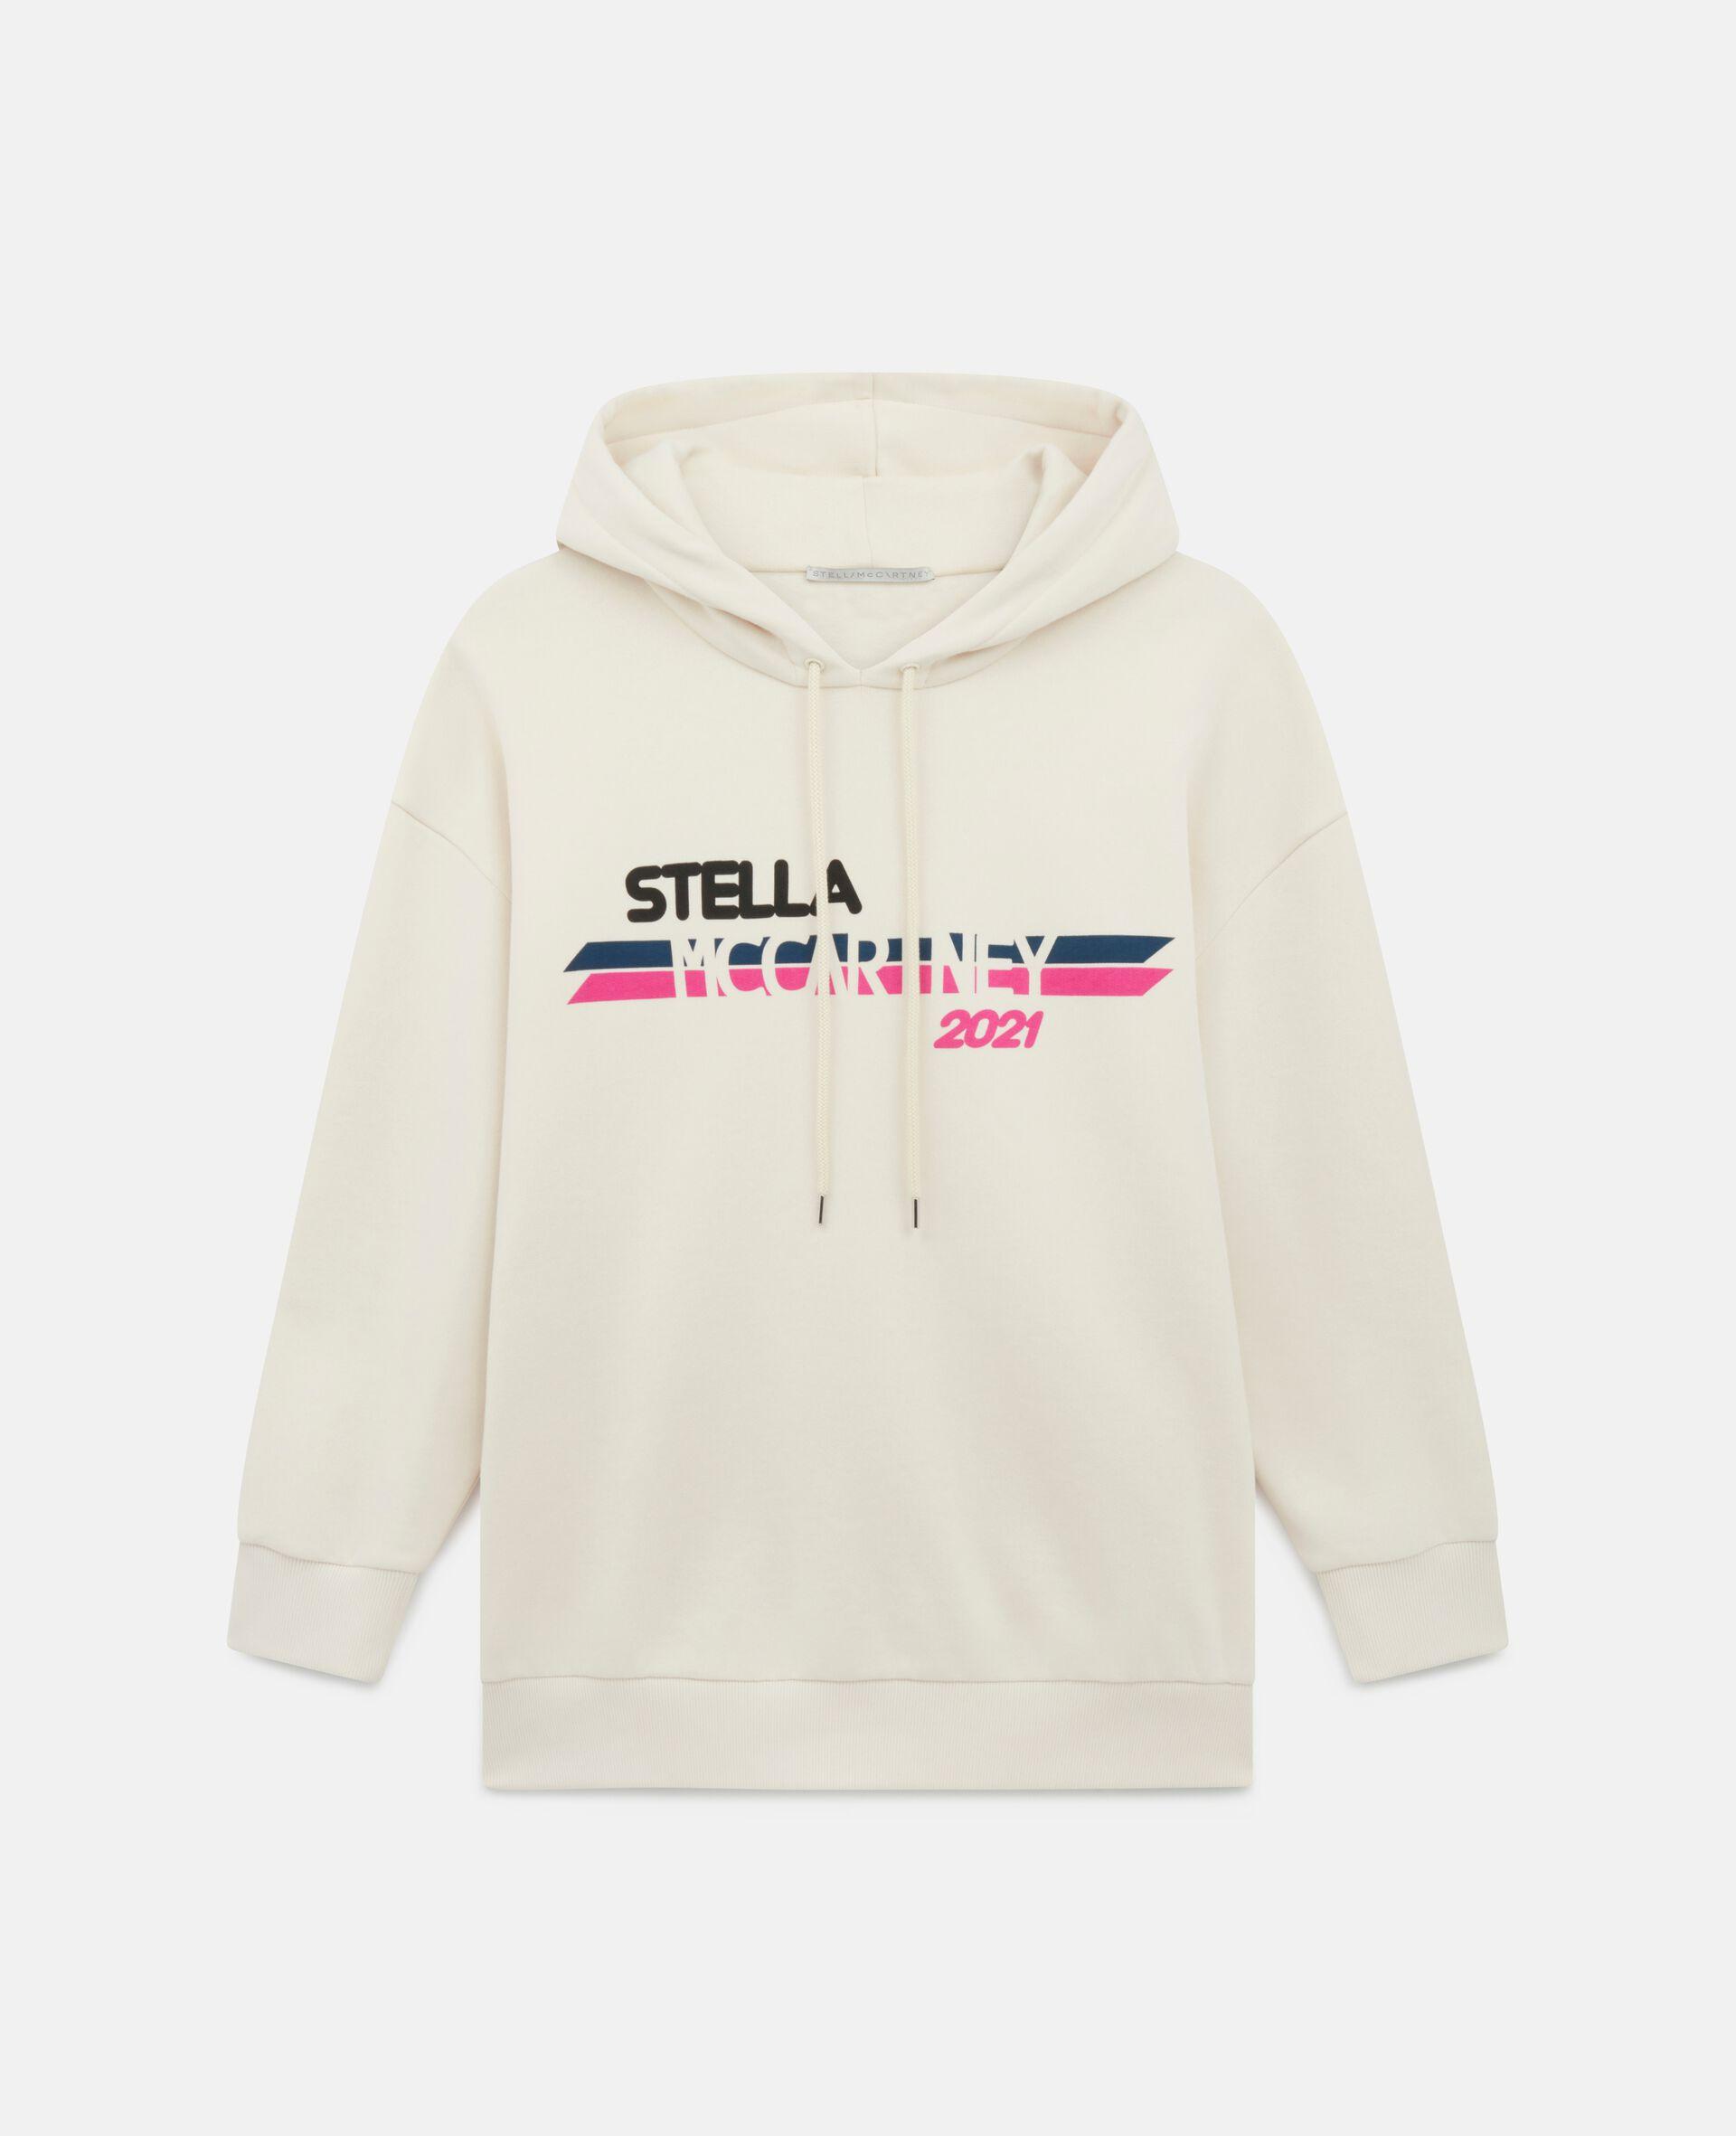 Stella McCartney 2021 Logo Hoodie-White-large image number 0